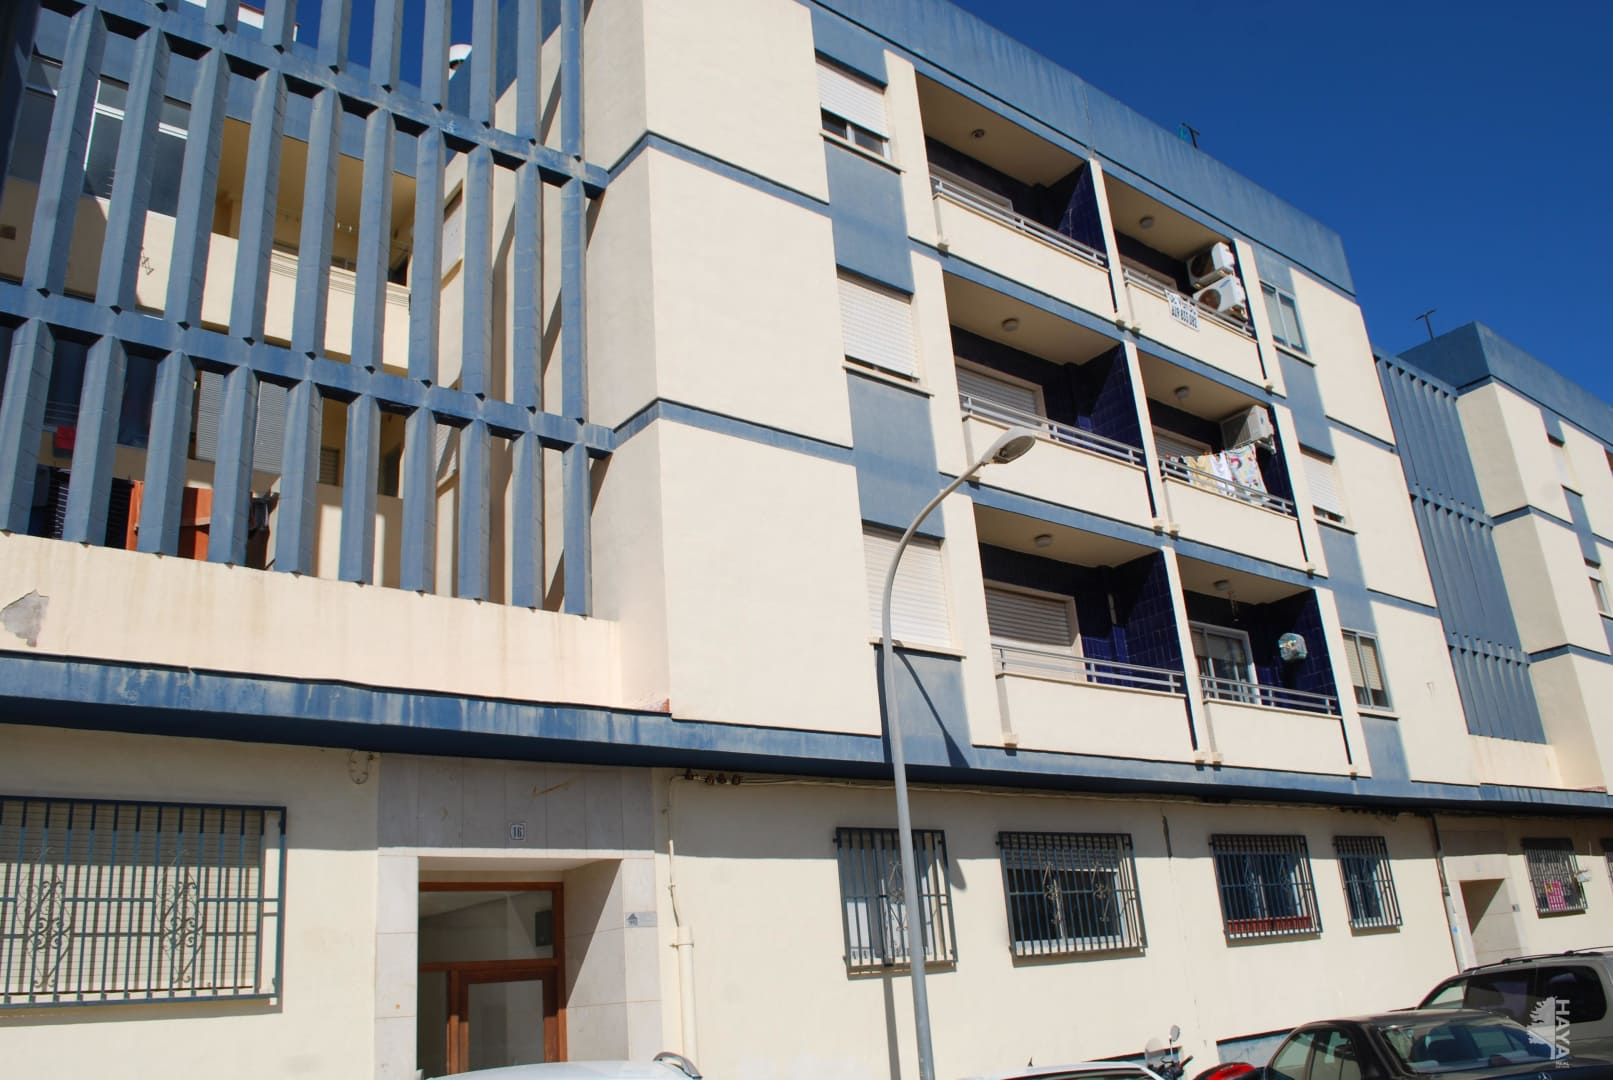 Piso en venta en Daimús, Daimús, Valencia, Calle Buenos Aires, 61.900 €, 3 habitaciones, 1 baño, 109 m2